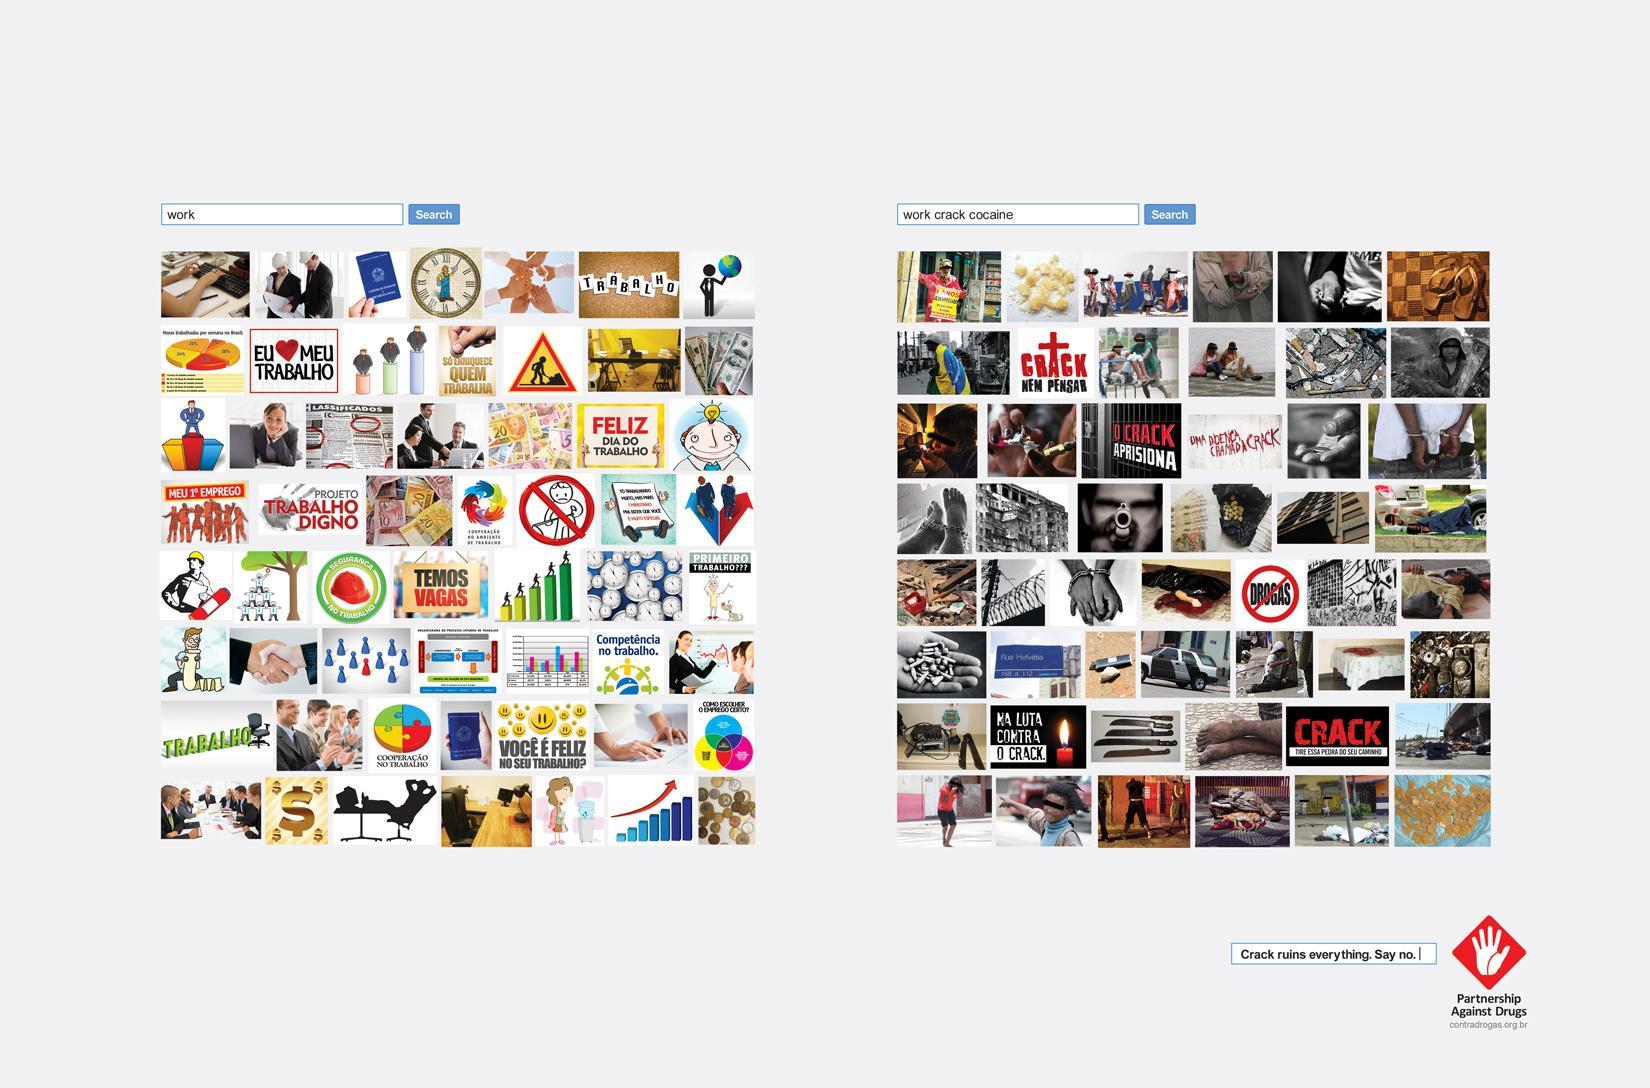 Associação Parceria Contra Drogas Print Ad -  Work